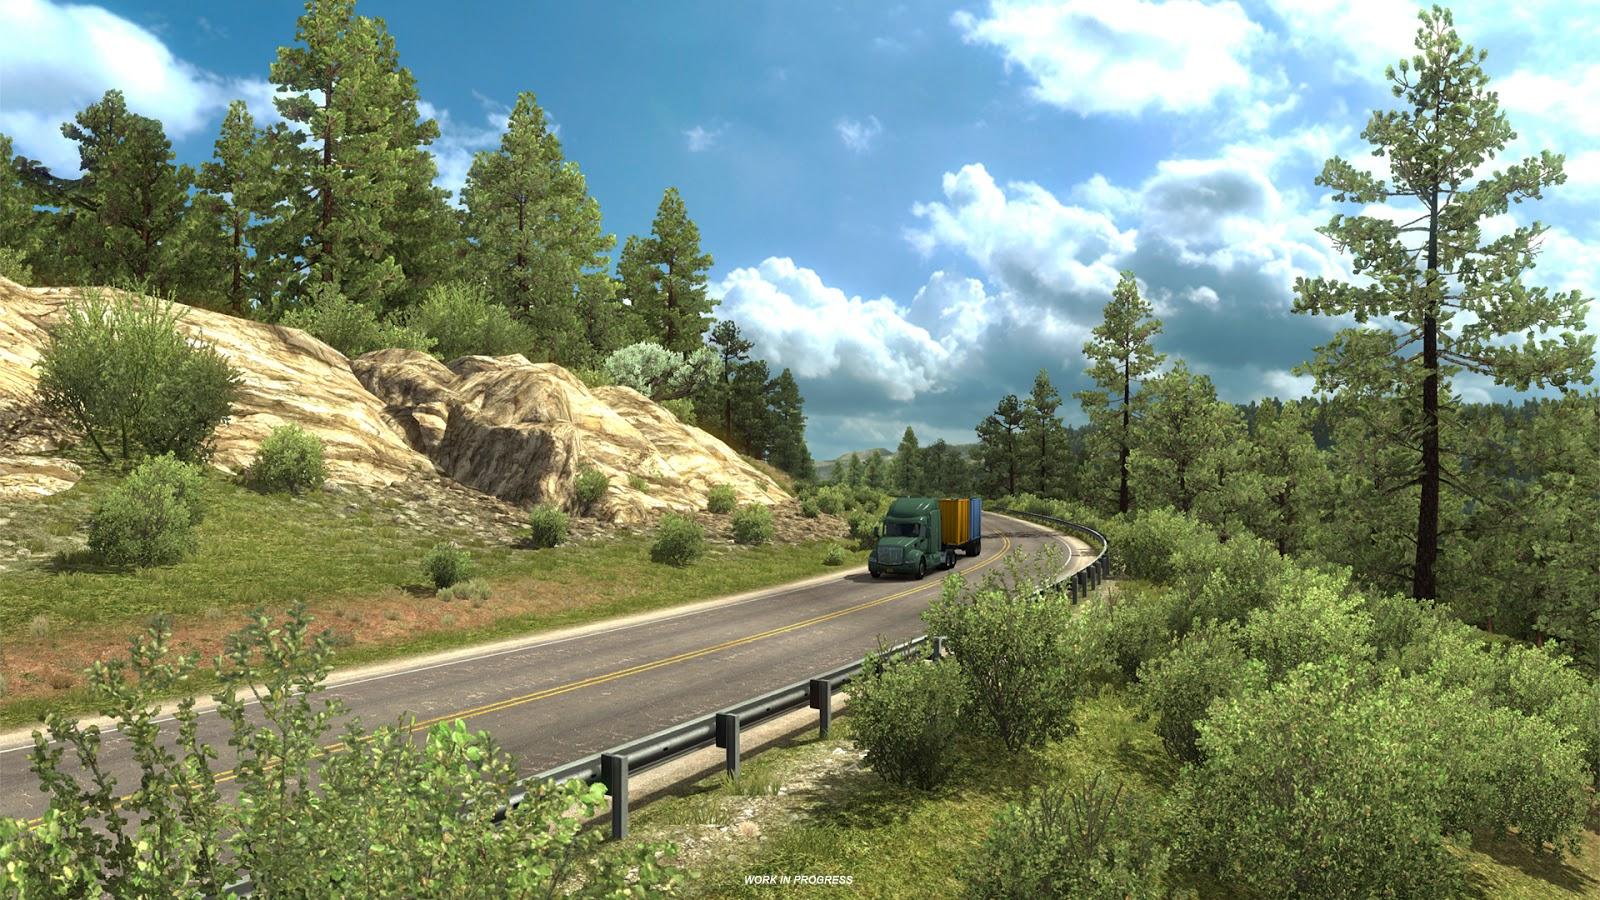 Pokochejte se Novým Mexikem z American Truck Simulatoru 146372